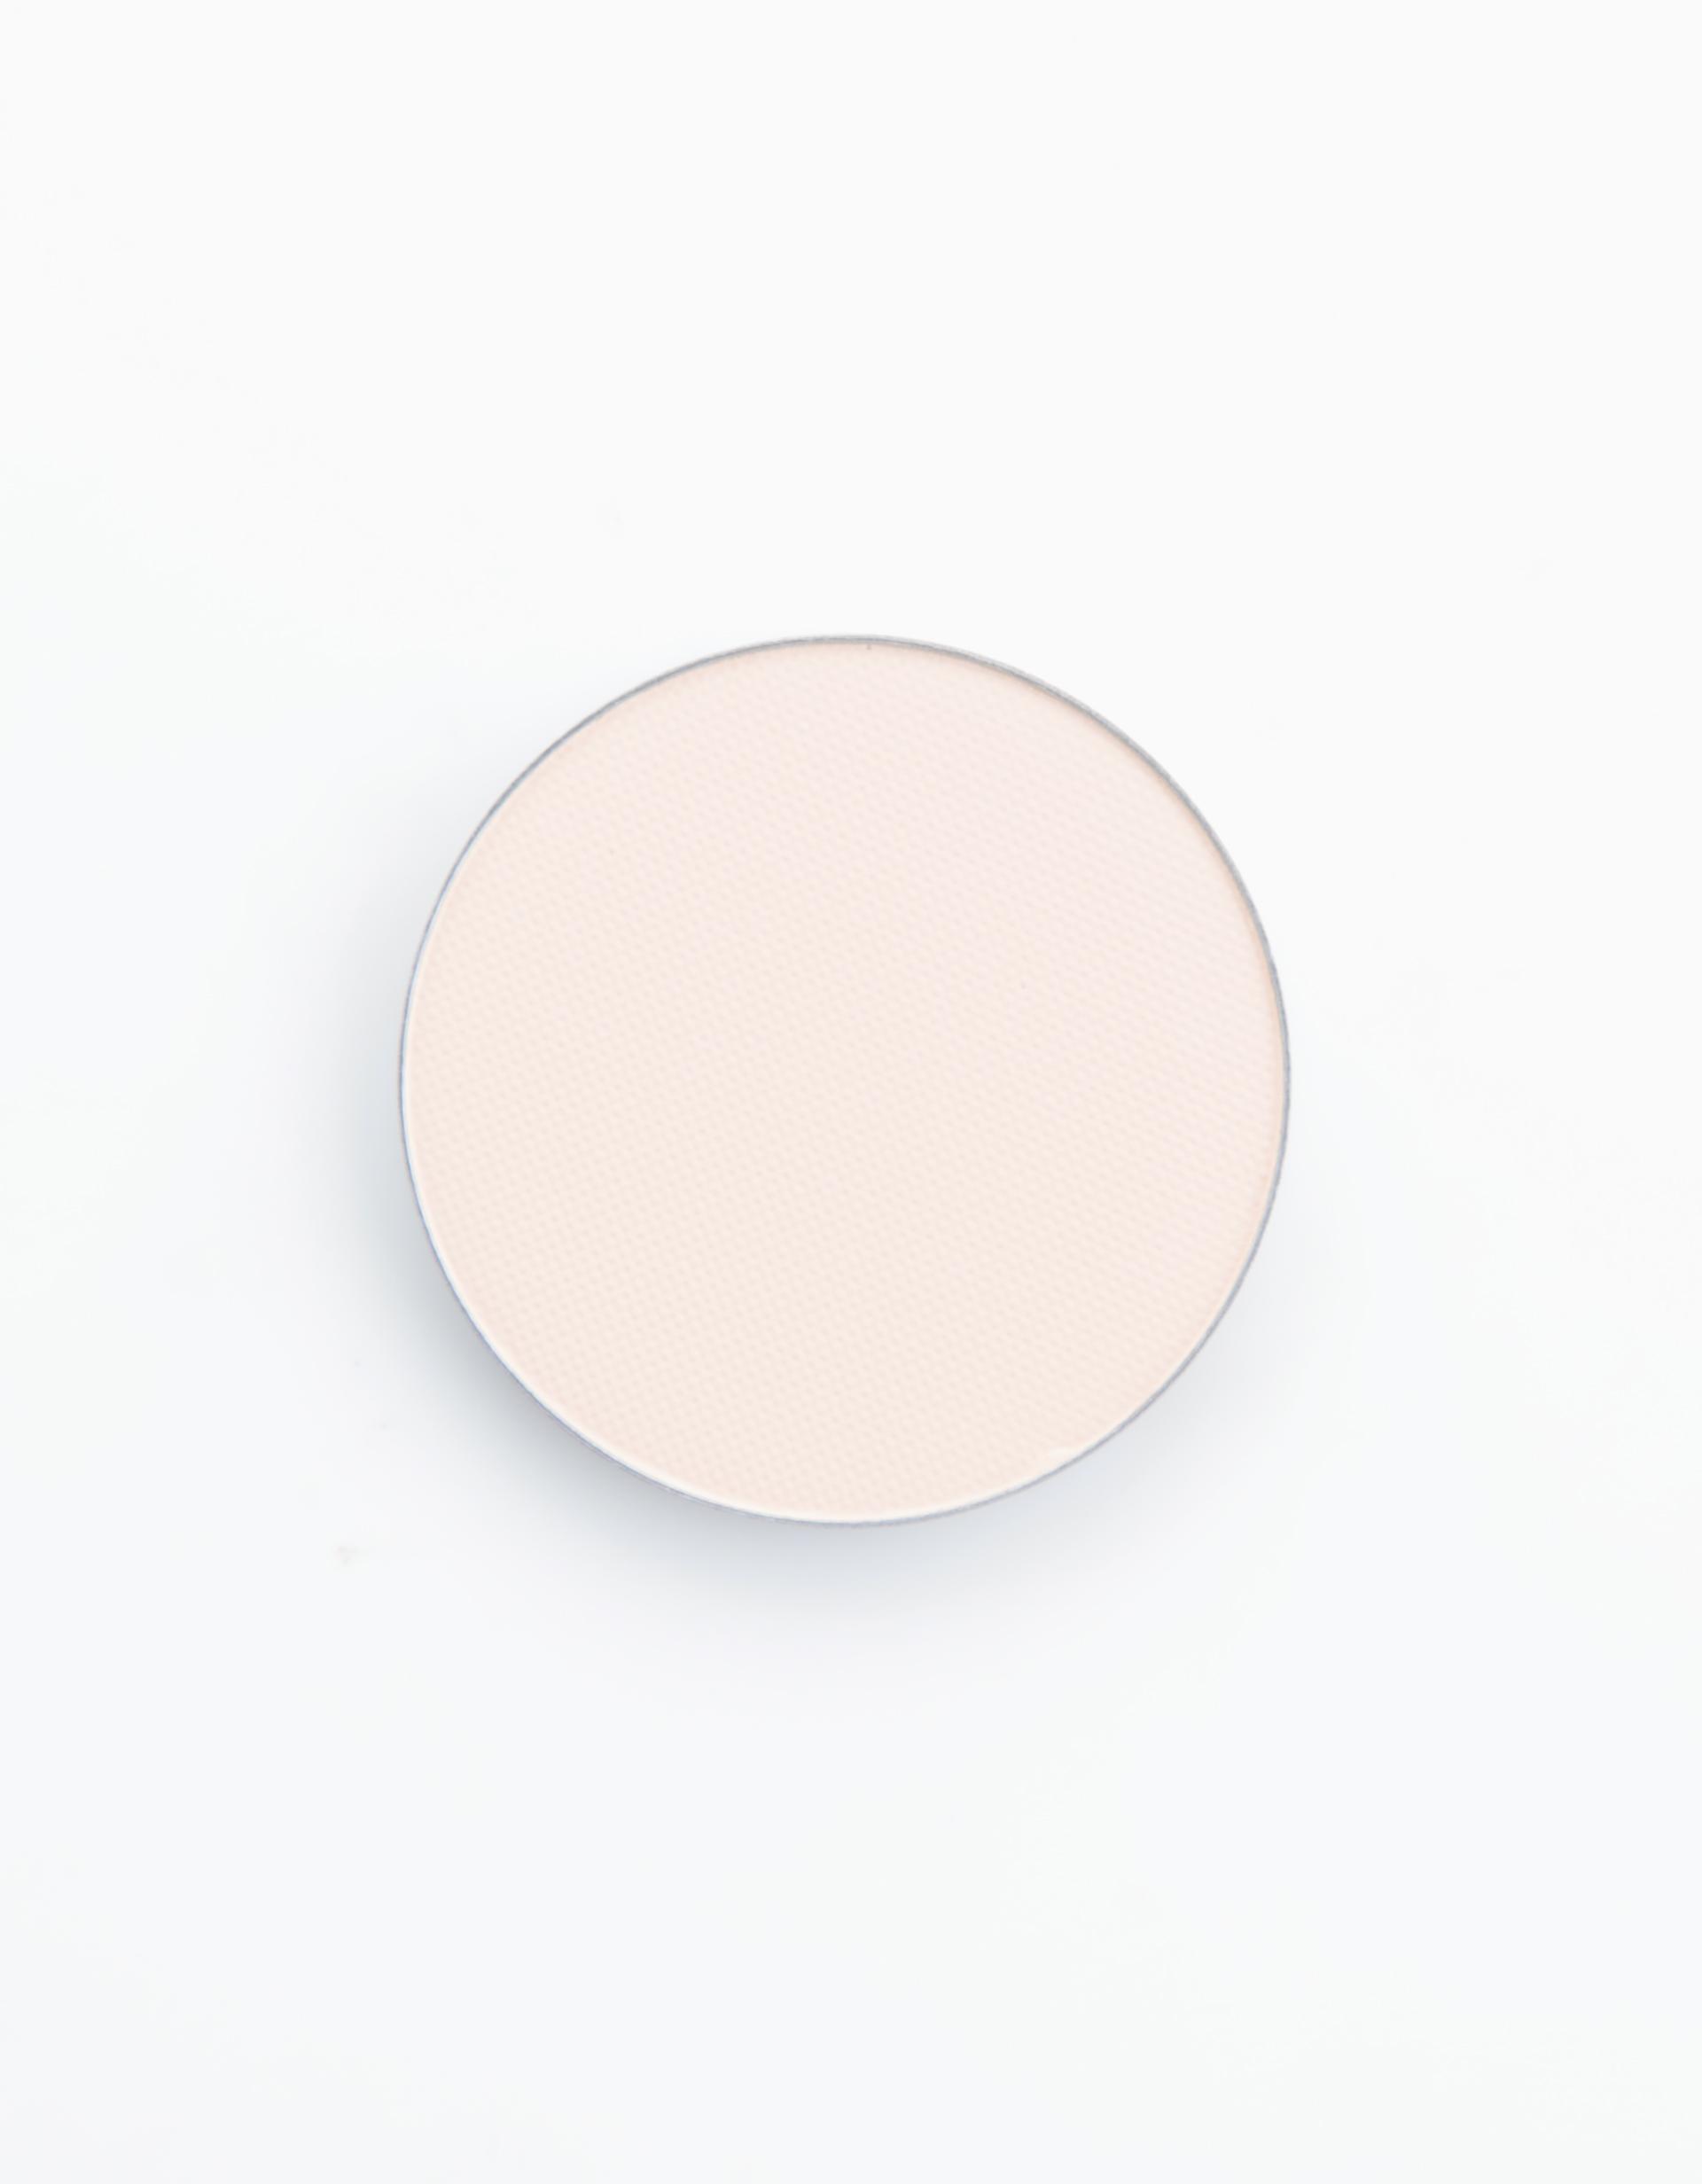 Suesh Choose Your Own Palette Eyeshadow Pots:  Smoky Eye Base by Suesh | E205 - Base Matte